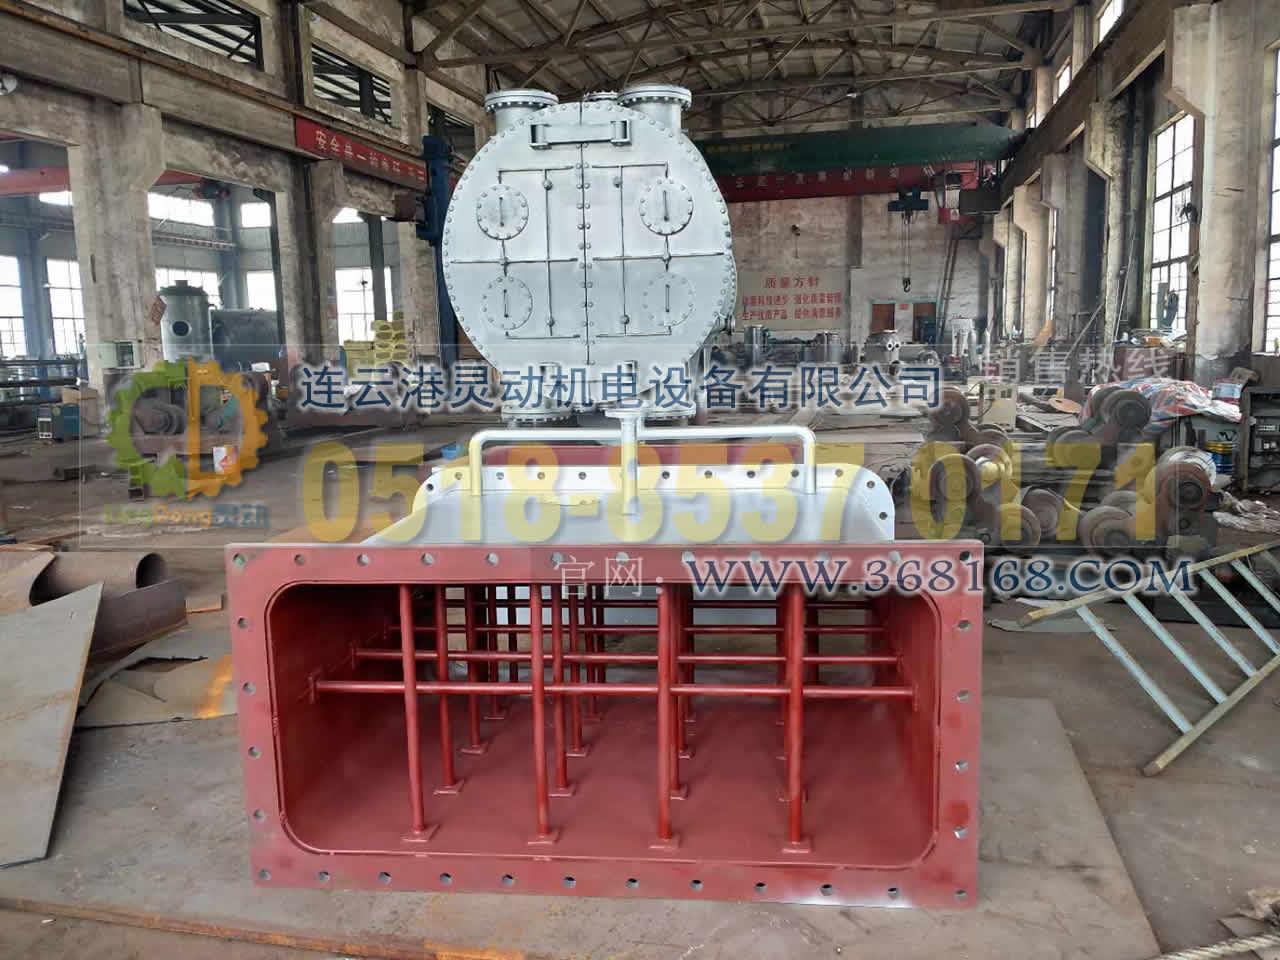 凝汽器波纹补偿器也称补偿器、波纹补偿器、膨胀节、伸缩器(伸缩节)生产厂家